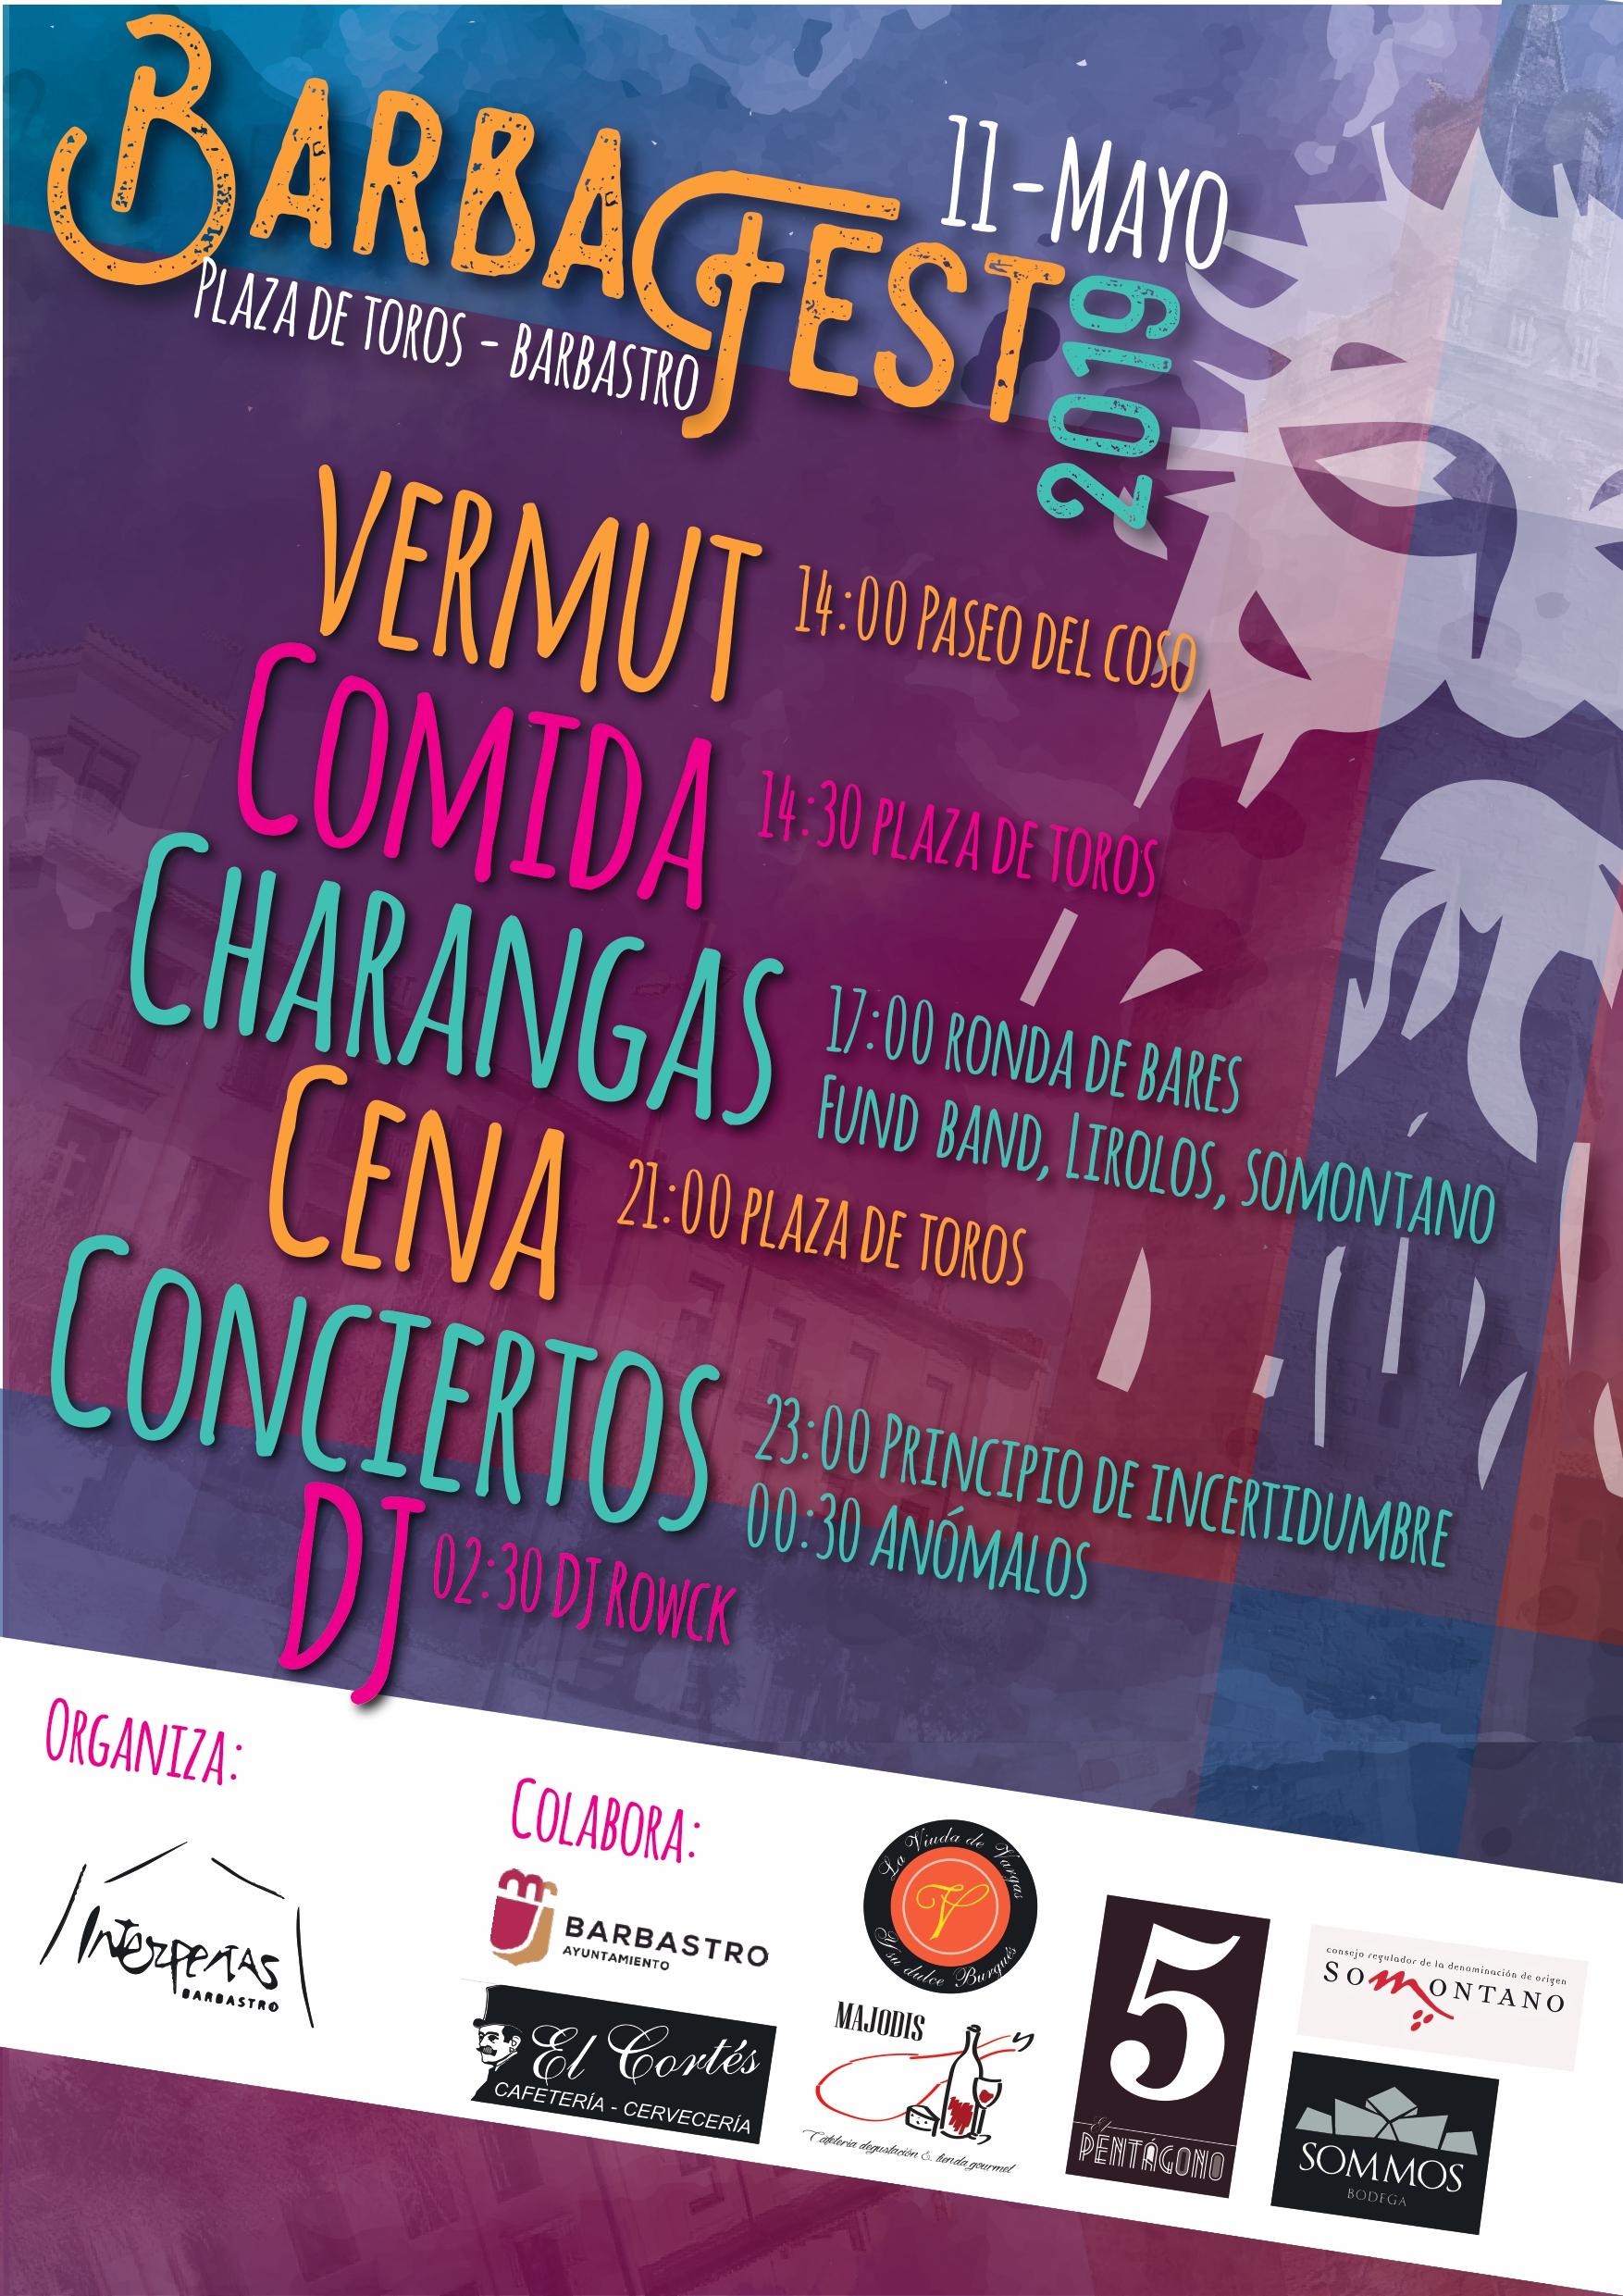 2507d6139 Este sábado Barbafest inundará de música las calles de Barbastro